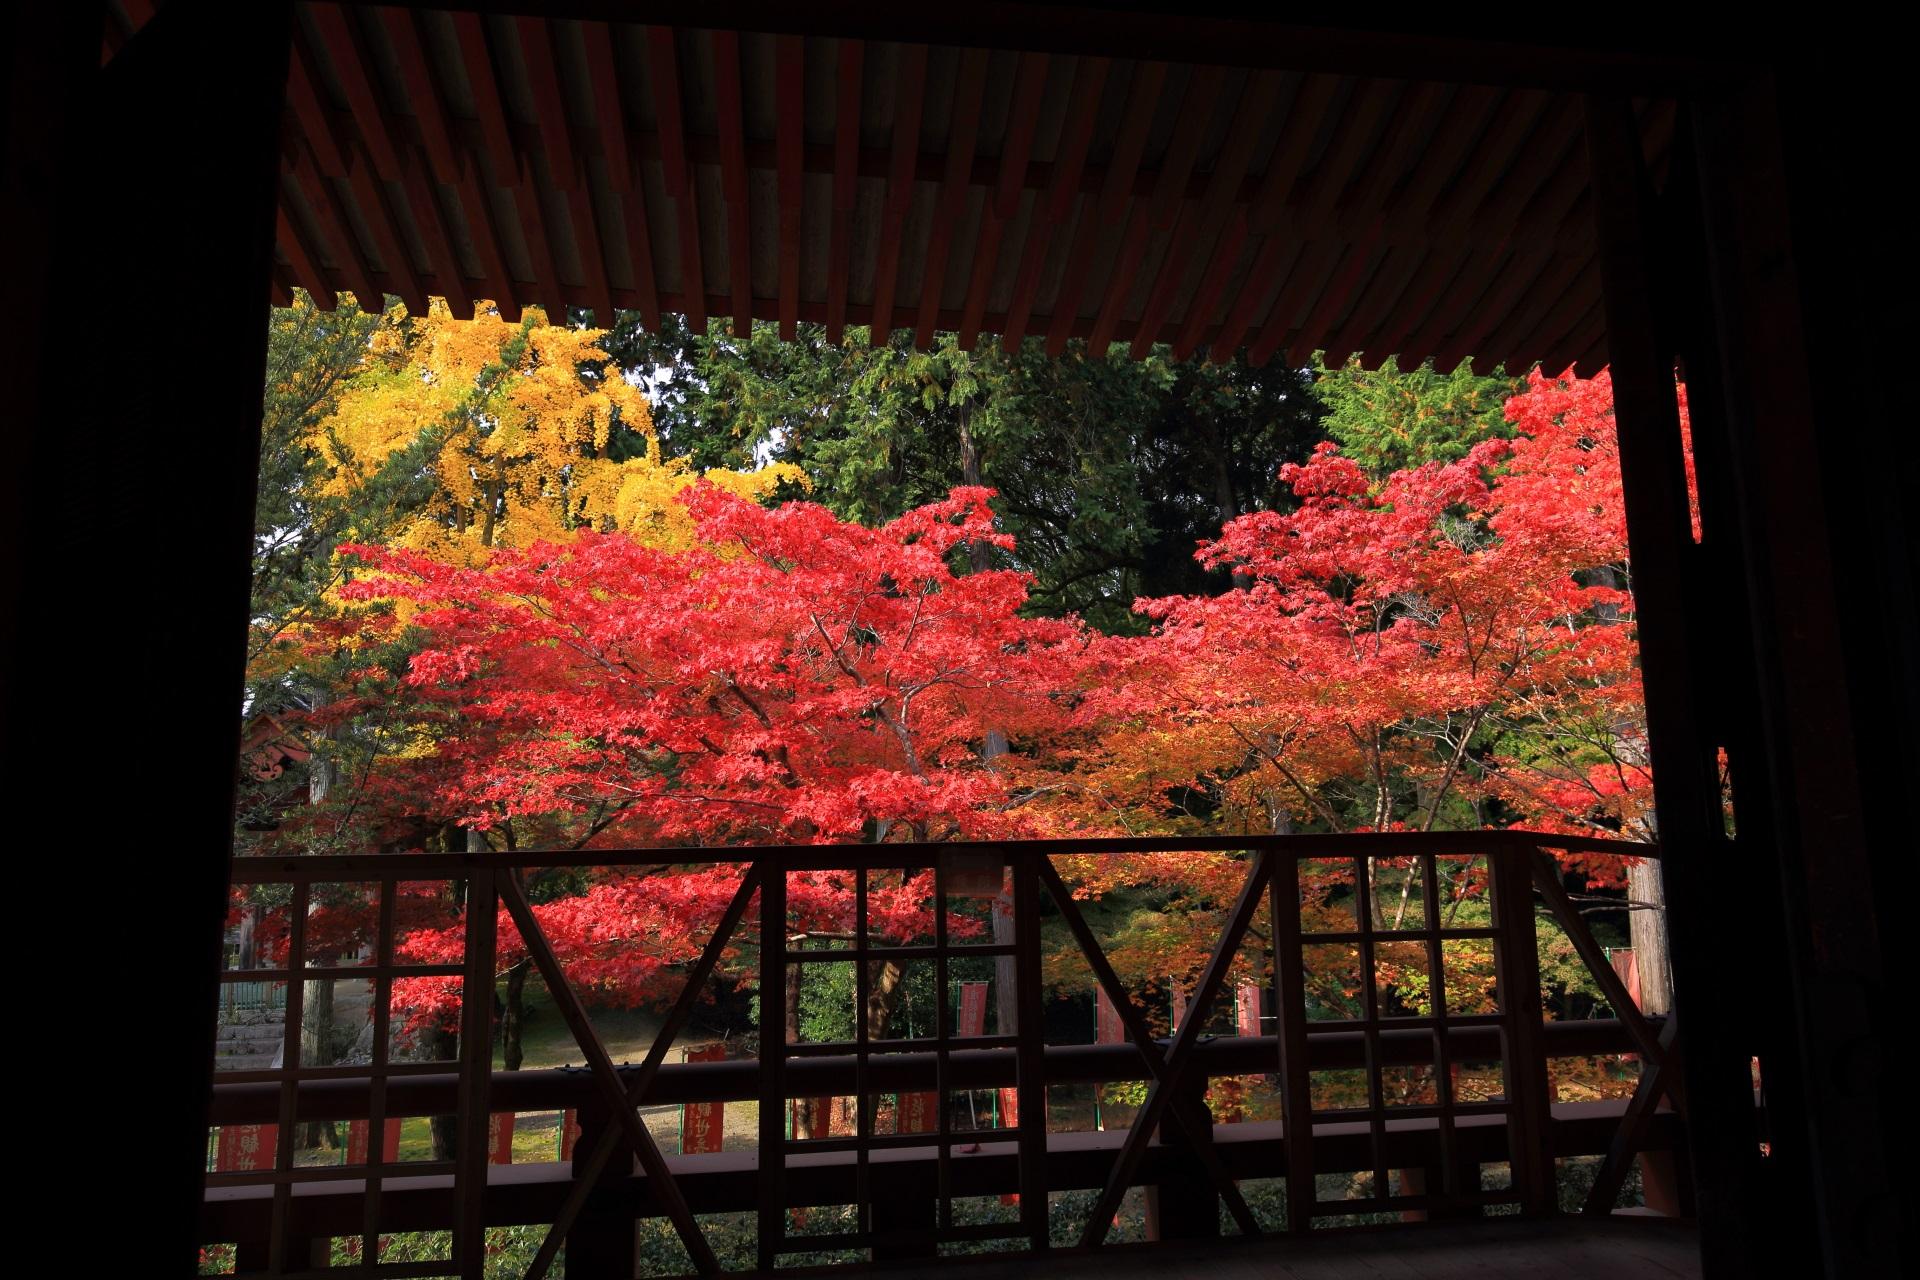 観音堂から眺めた煌く額縁の紅葉